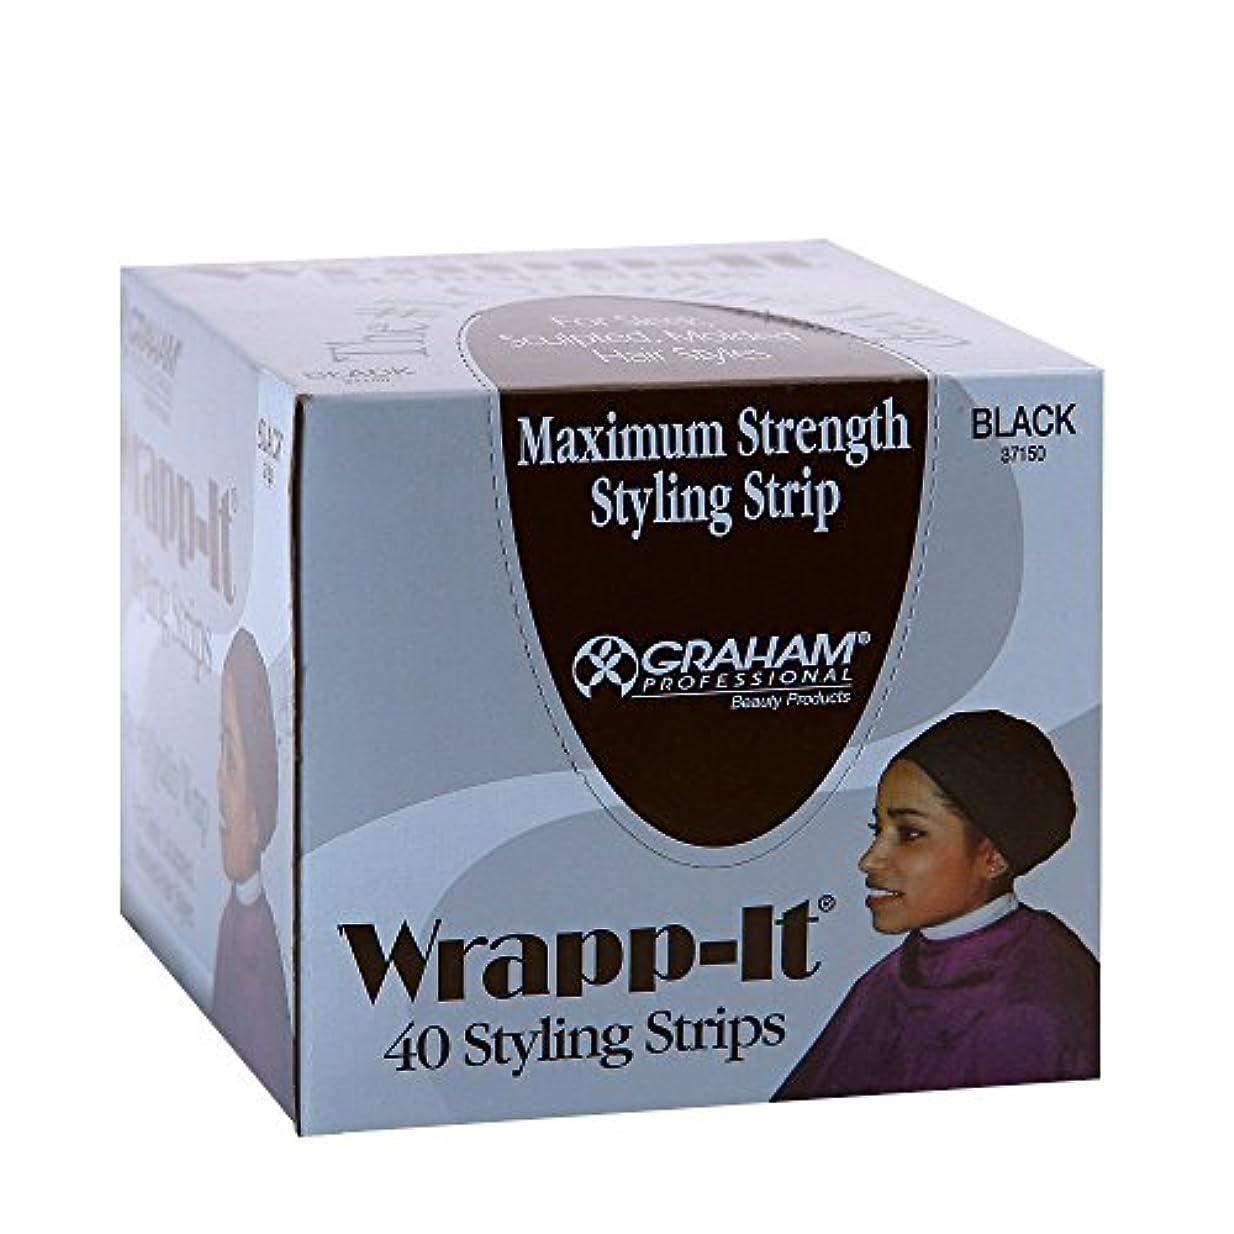 文芸ピカソクレーンGraham Professional Beauty Wrapp、それブラックスタイリングストリップ